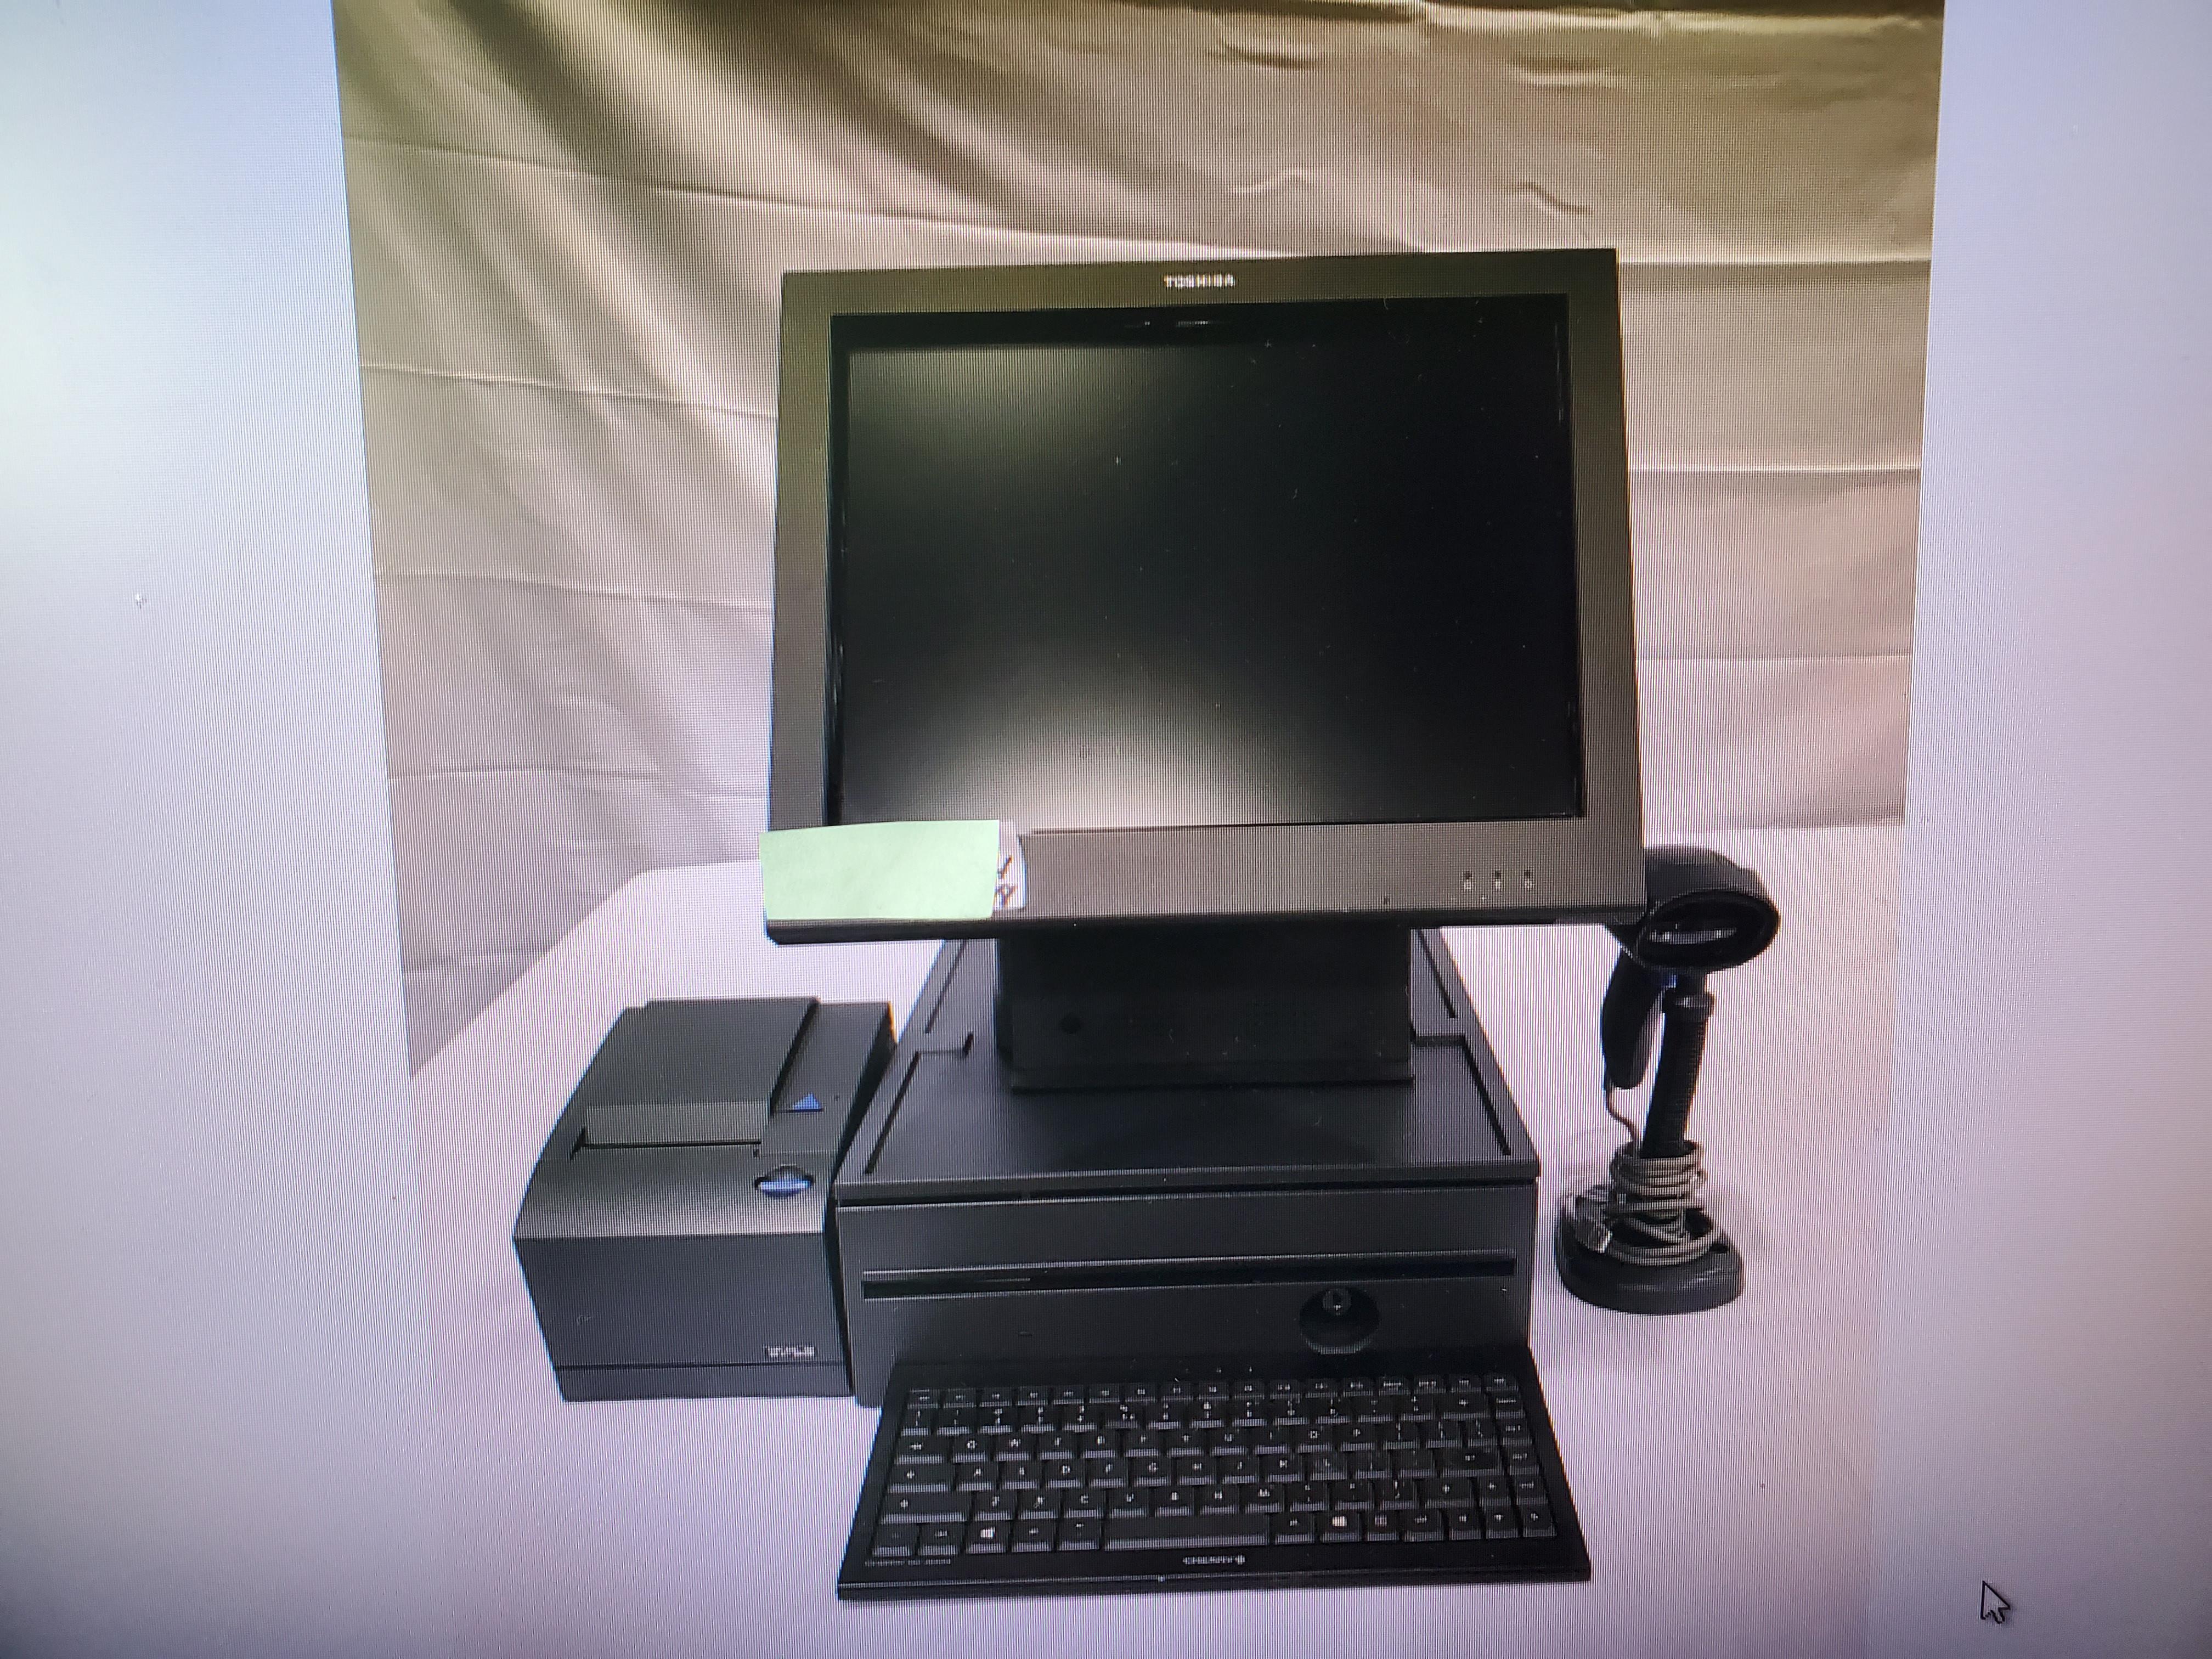 Lot 96 - Toshiba Touchscreen POS System: Surepos 570 2GB Ram, 500GB HD, IBM Suremark 4610-1NR Thermal Receipt